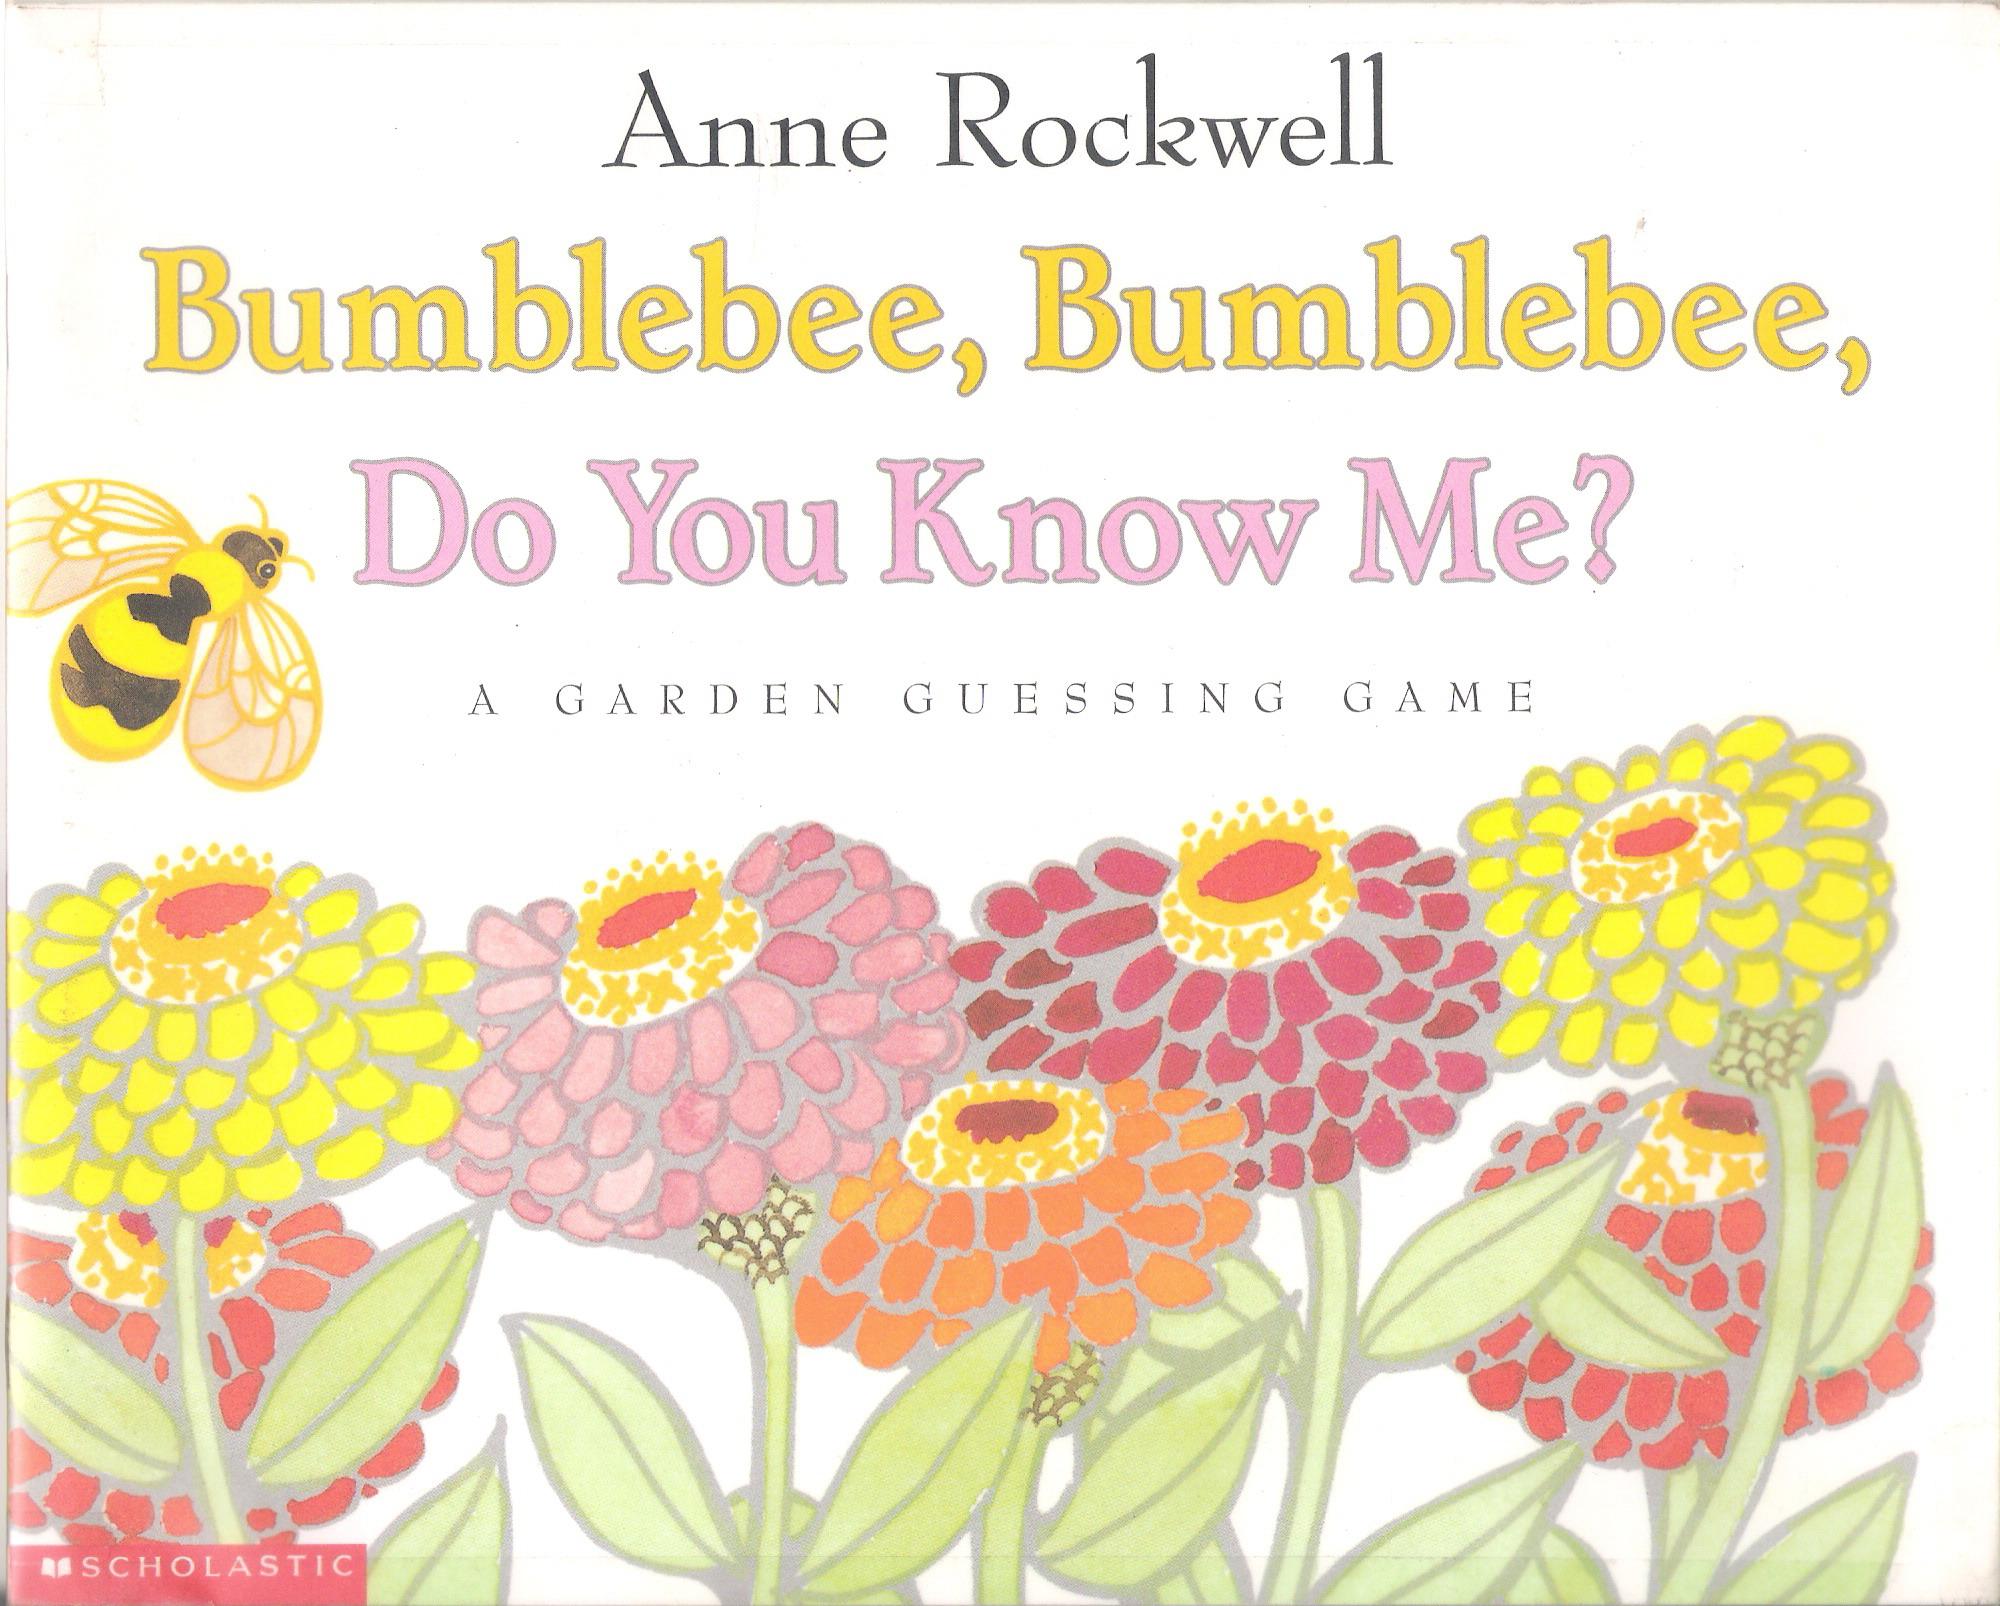 Bumblebee, Bumblebee, Do You Know Me? A Garden Guessing Game